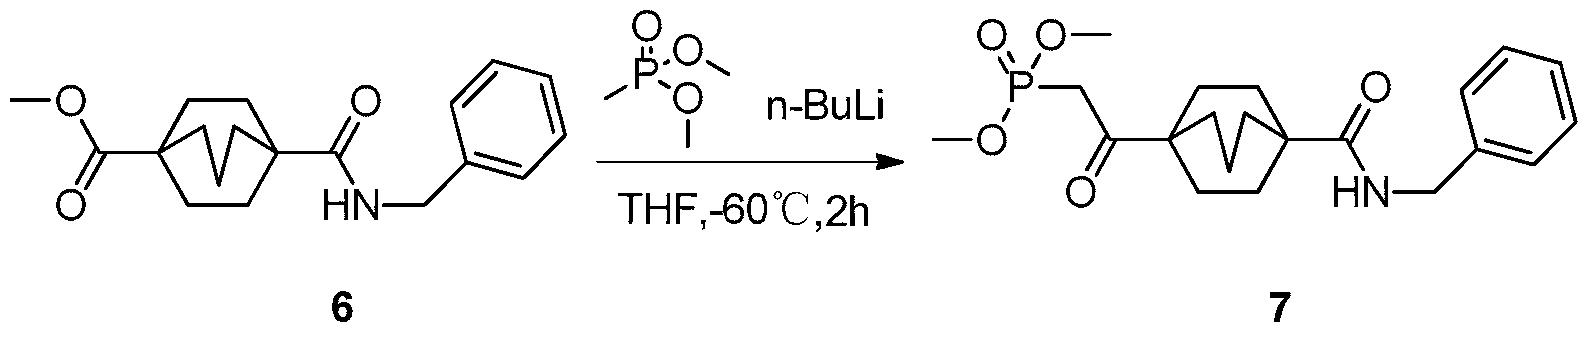 Figure PCTCN2017084604-appb-000115